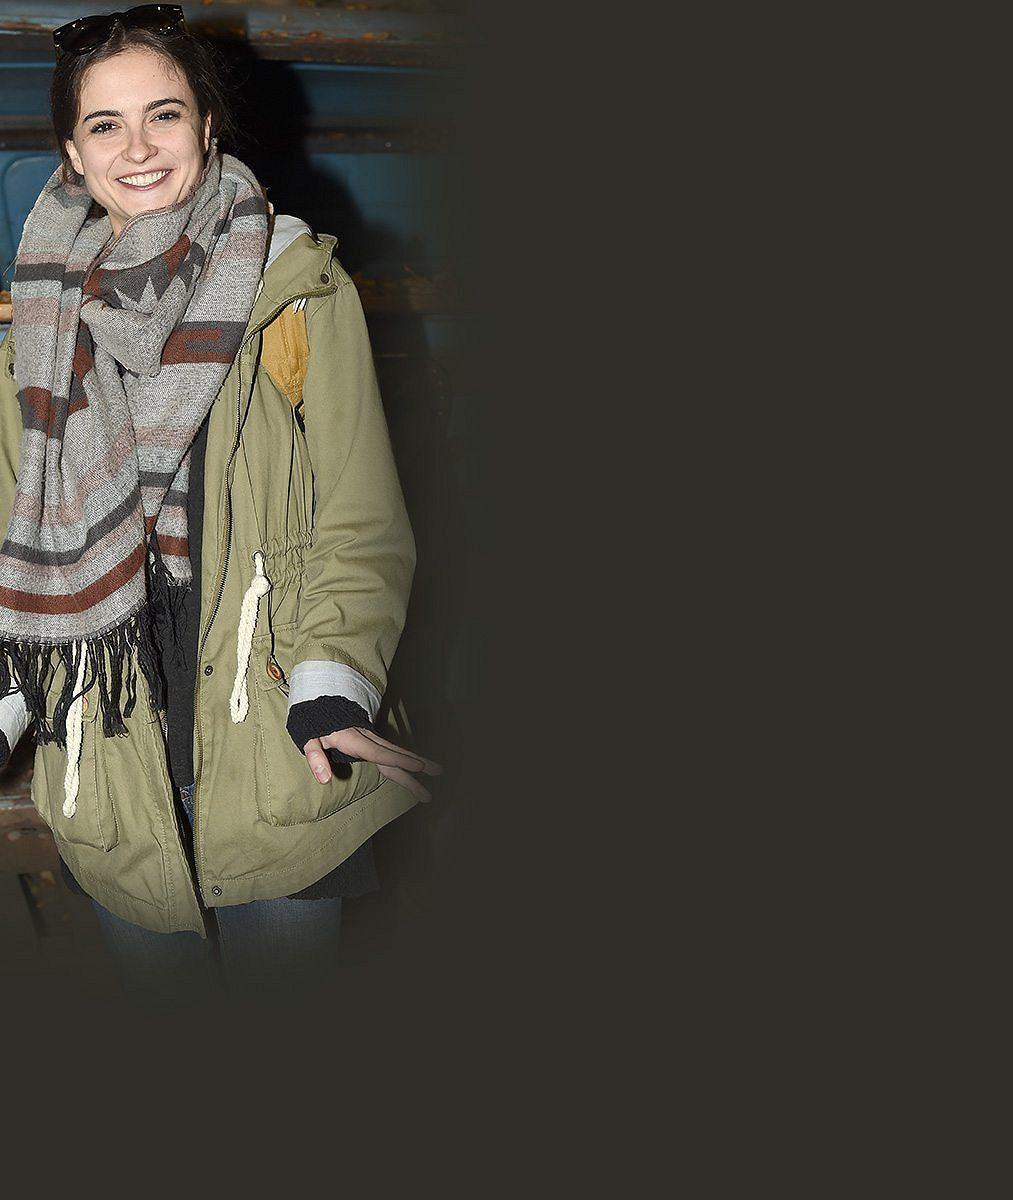 Nádherná Josefíková se proměnila v hloupou módní blogerku. A jak to má s novou láskou?